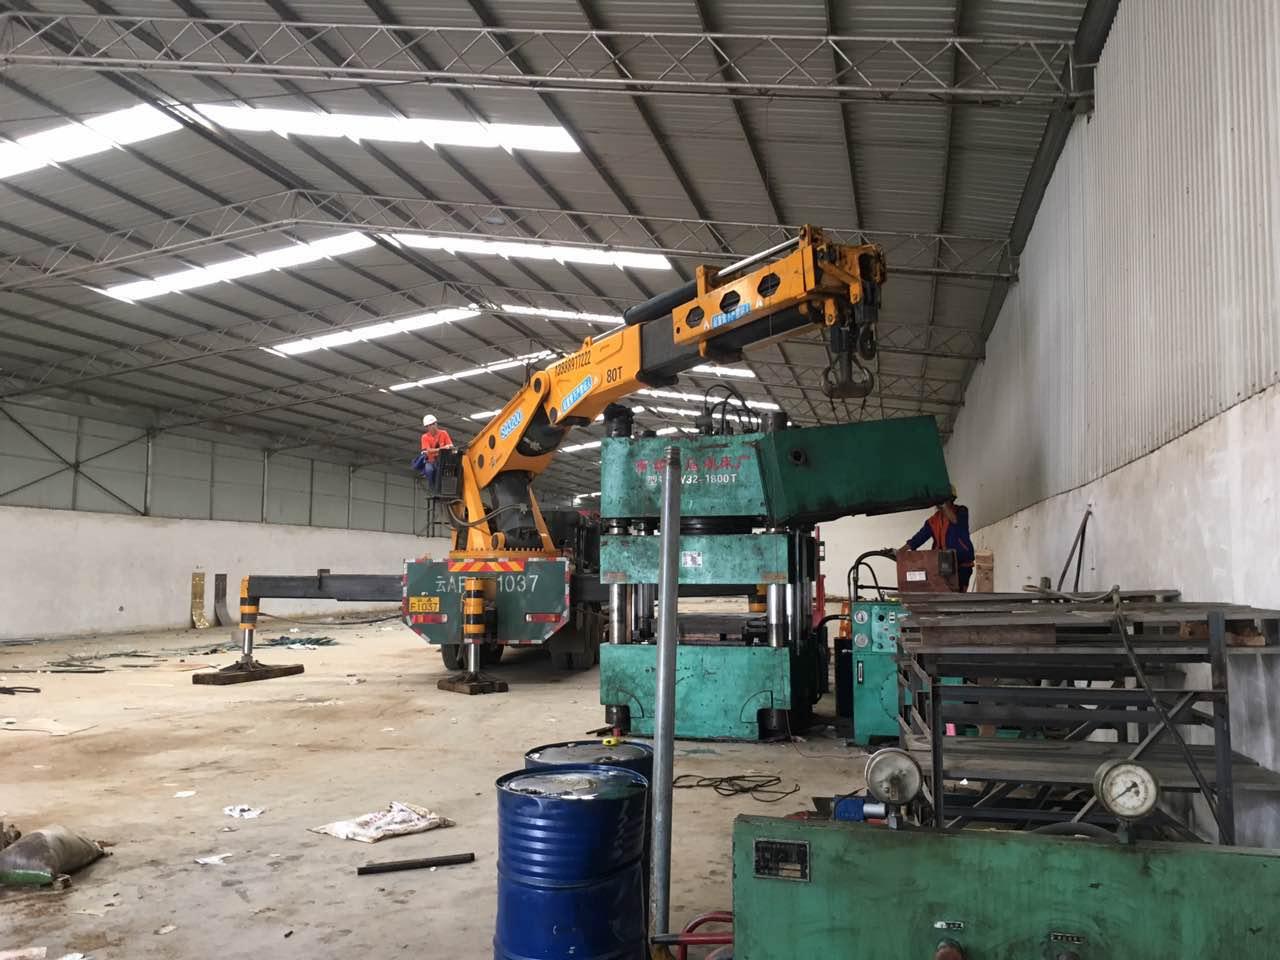 大型设备搬运过程中需采取的必要安全措施